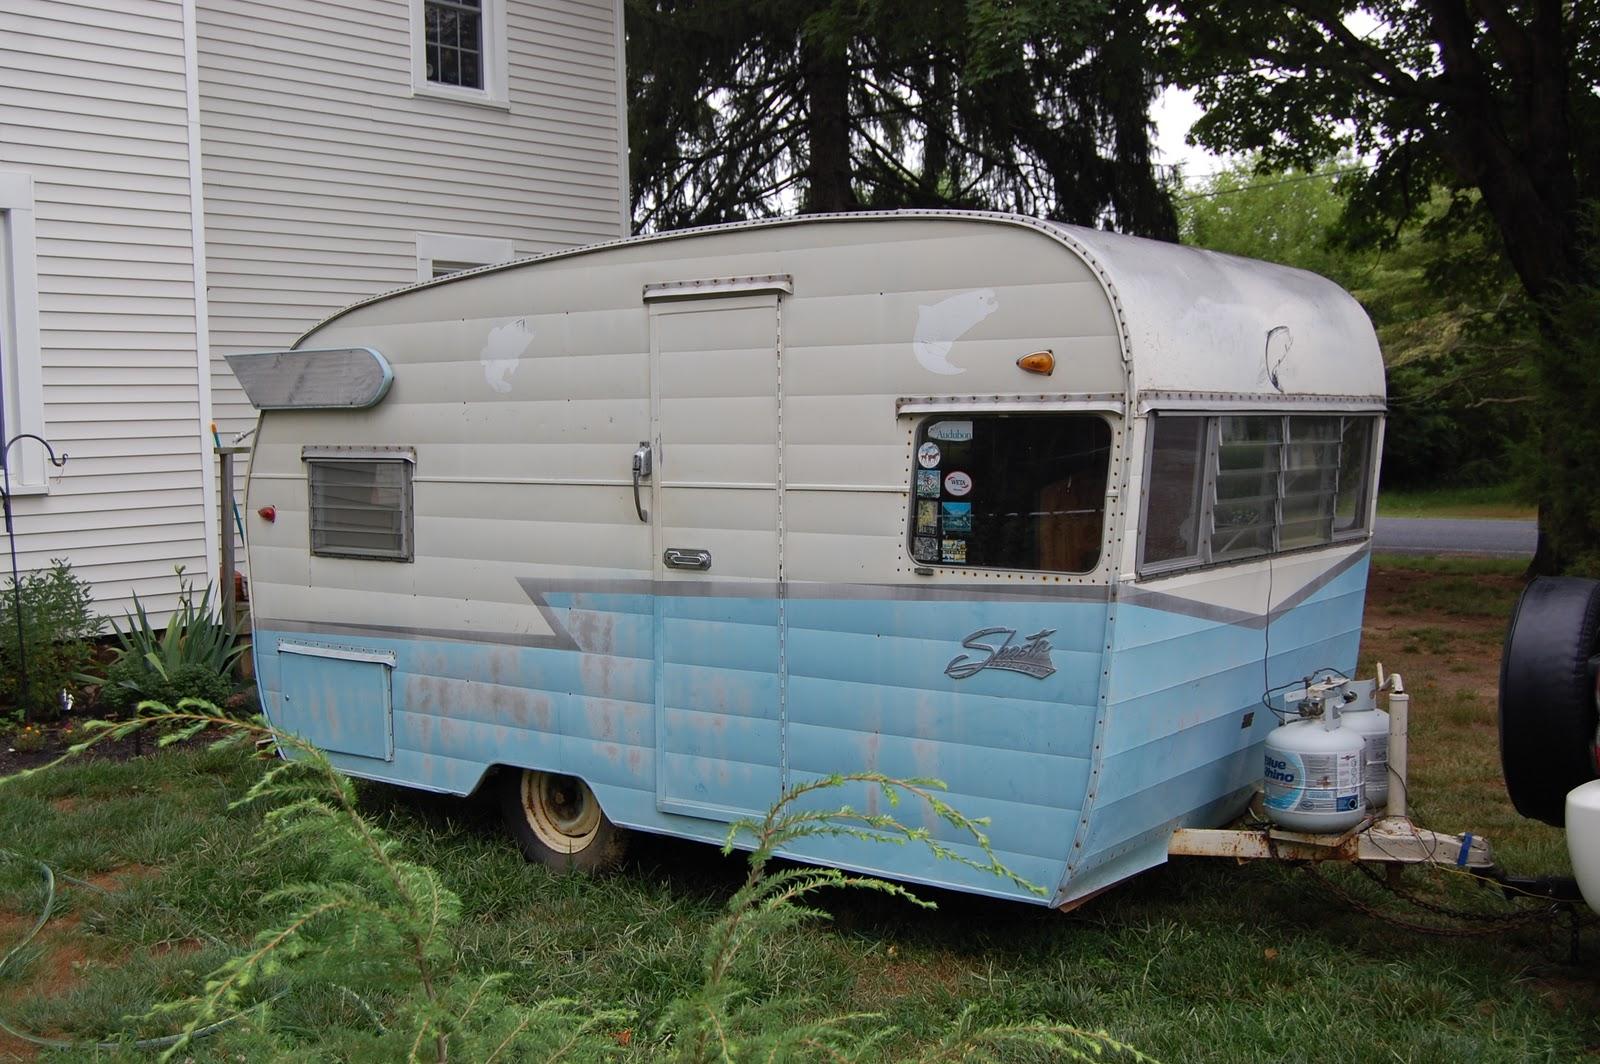 My FIRST Shasta camper